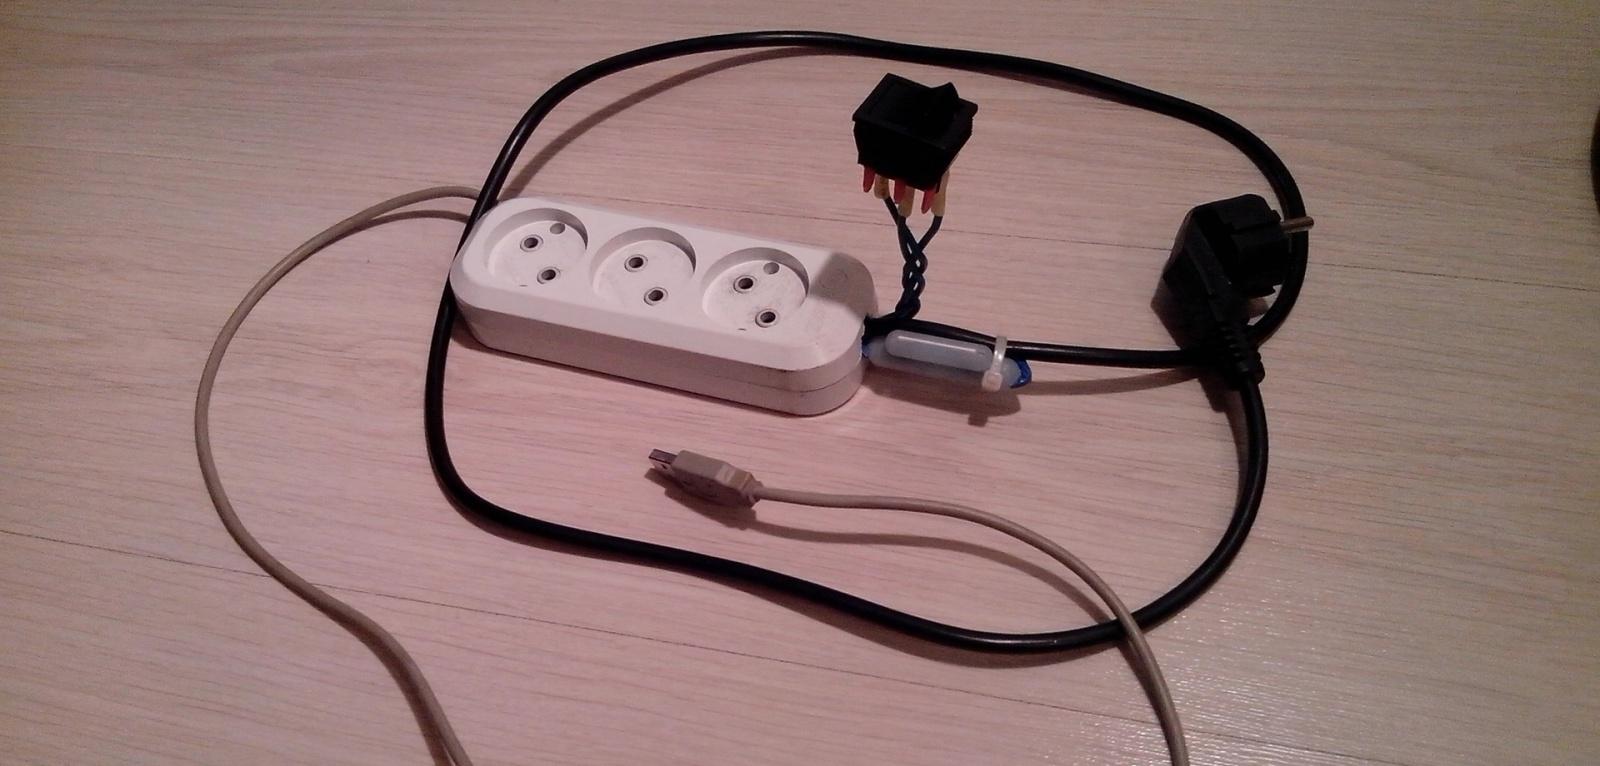 Розетка с питанием, управляемым по USB, за десять копеек - 1